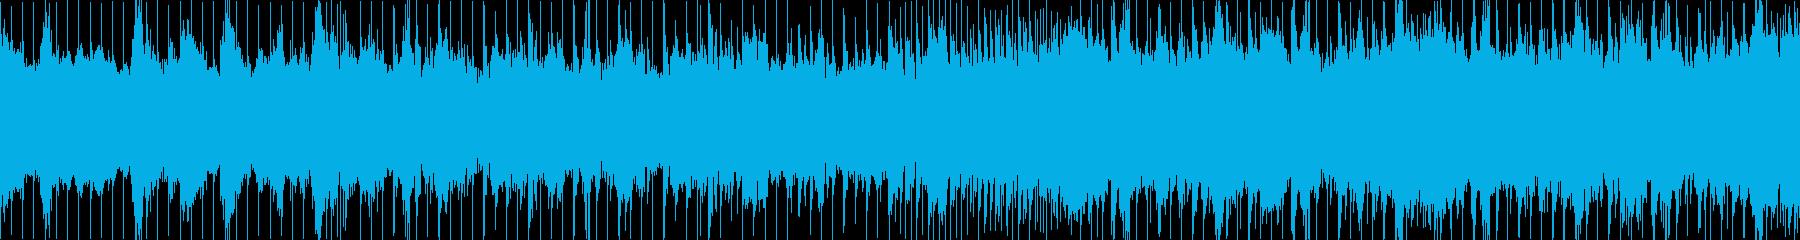 和風と現代音楽のごちゃ混ぜループBGMの再生済みの波形